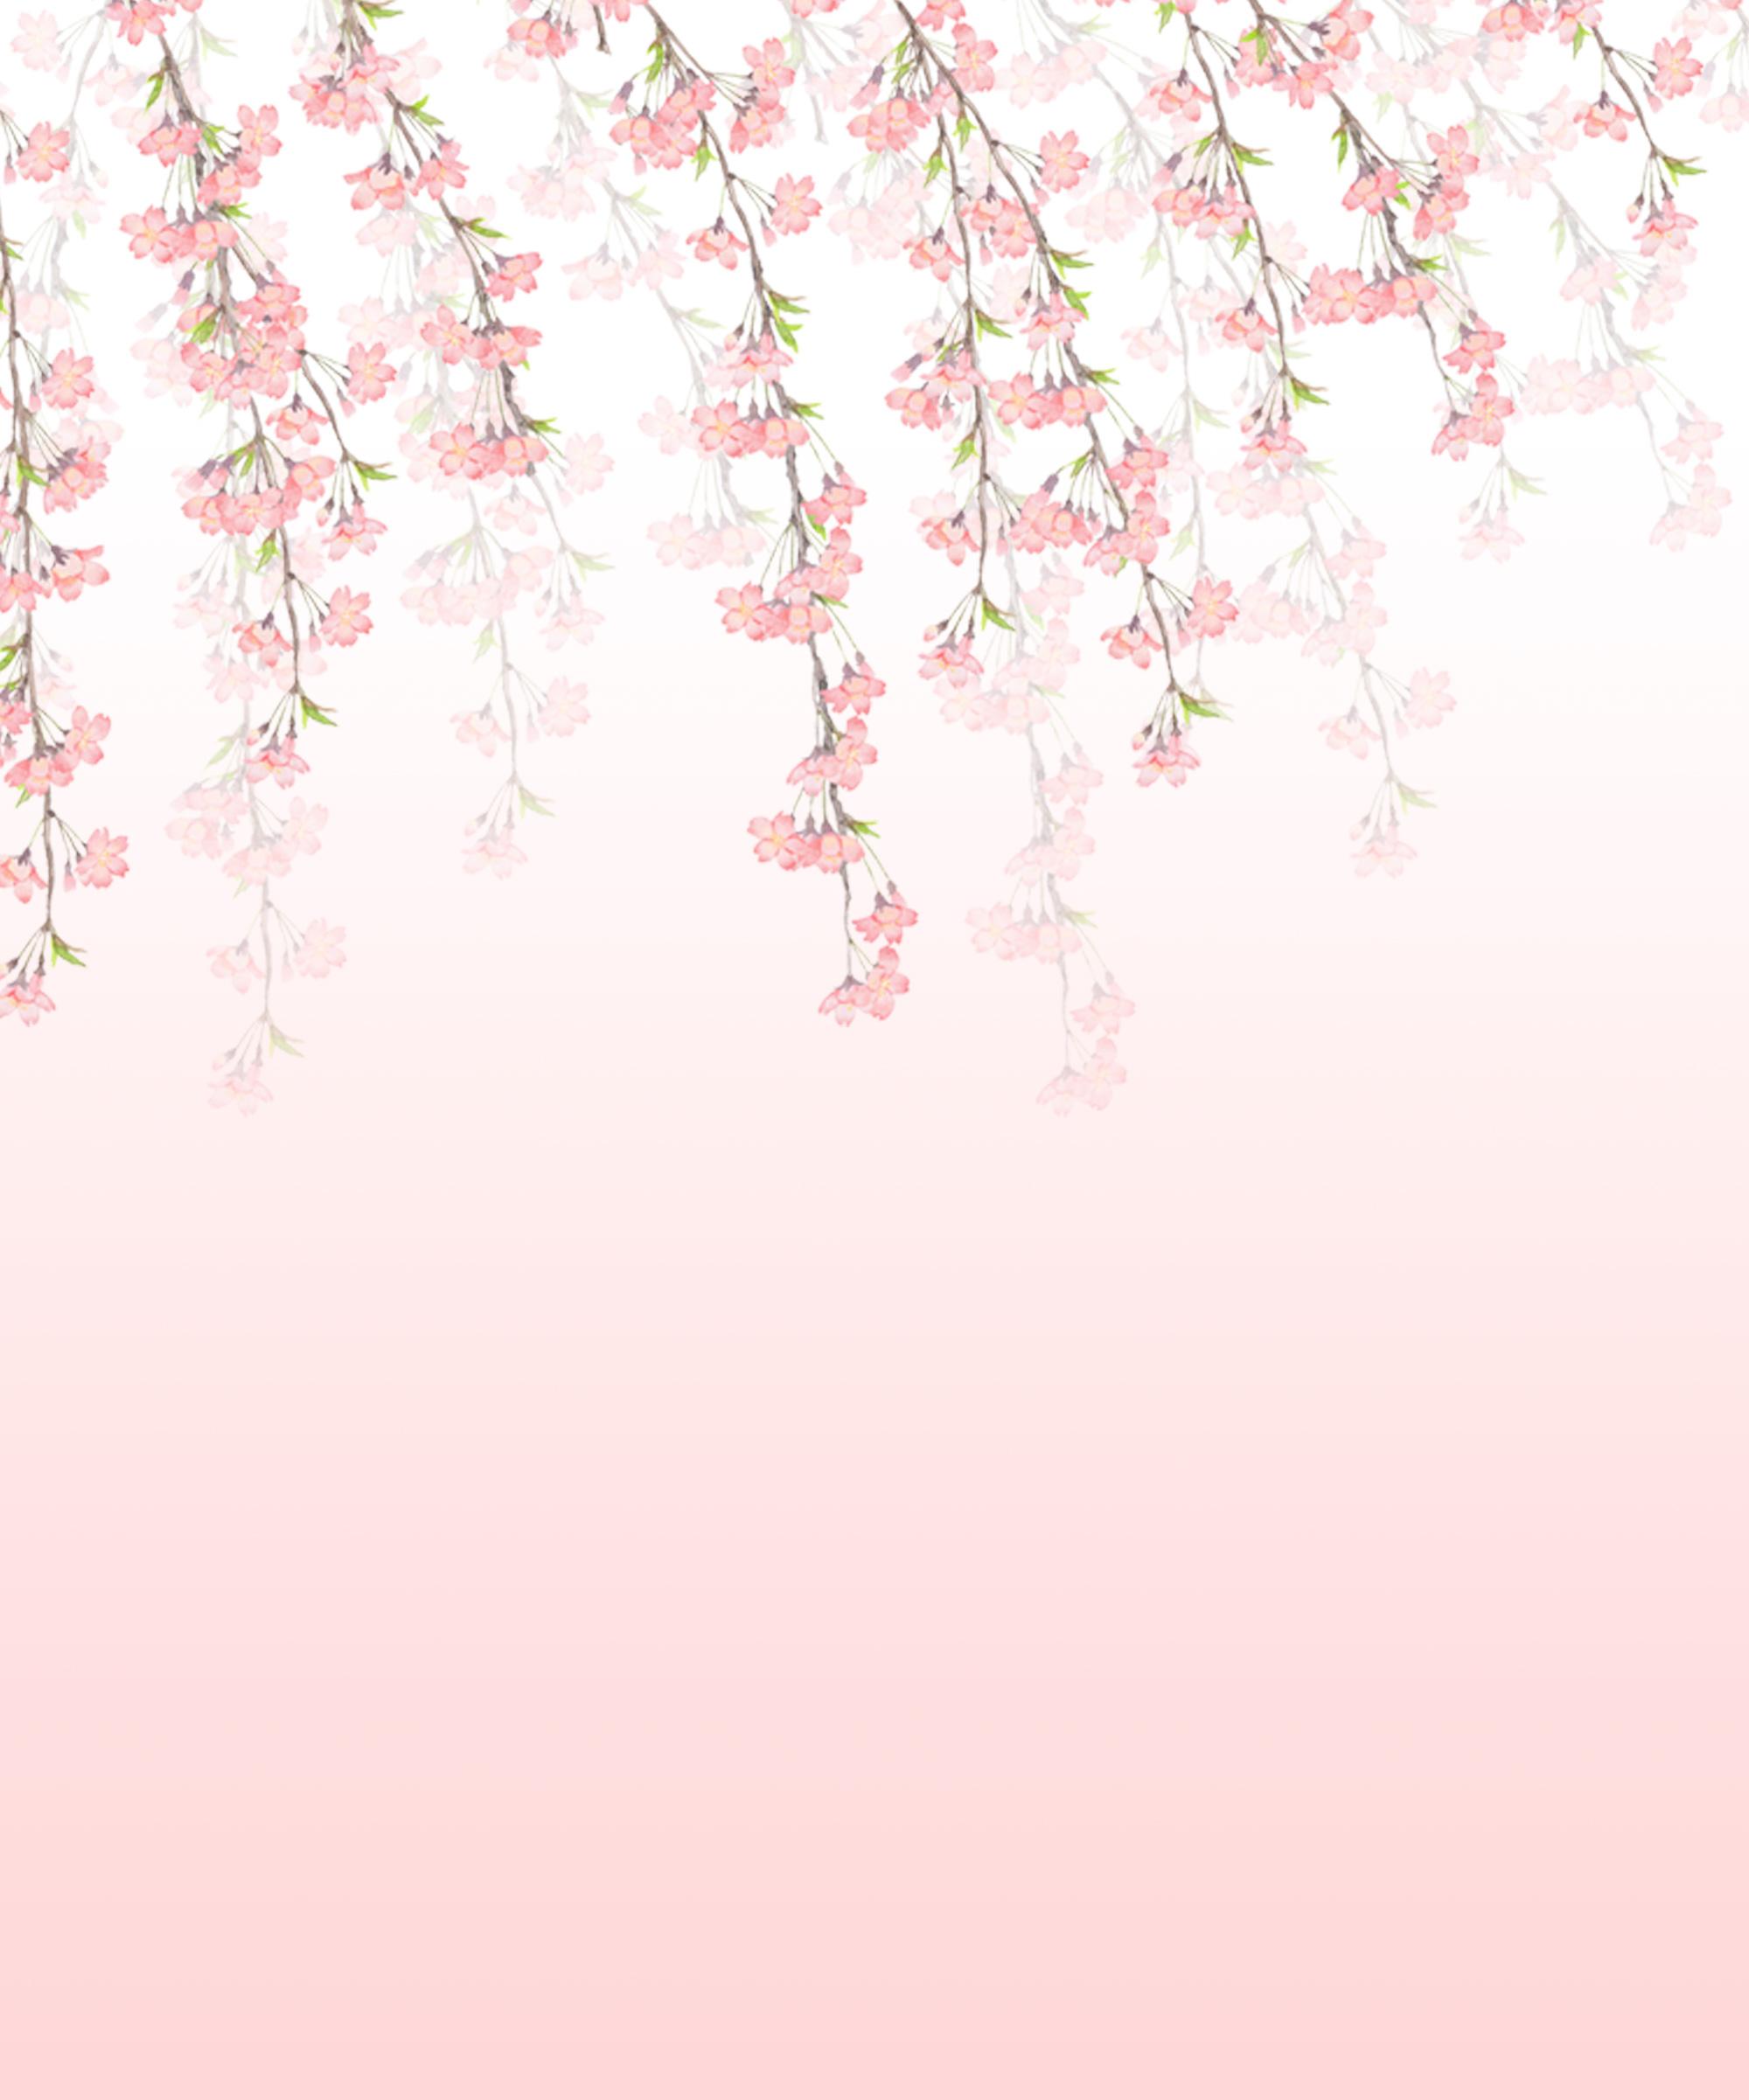 遺影背景素材フリー しだれ桜イラスト : 遺影素材屋